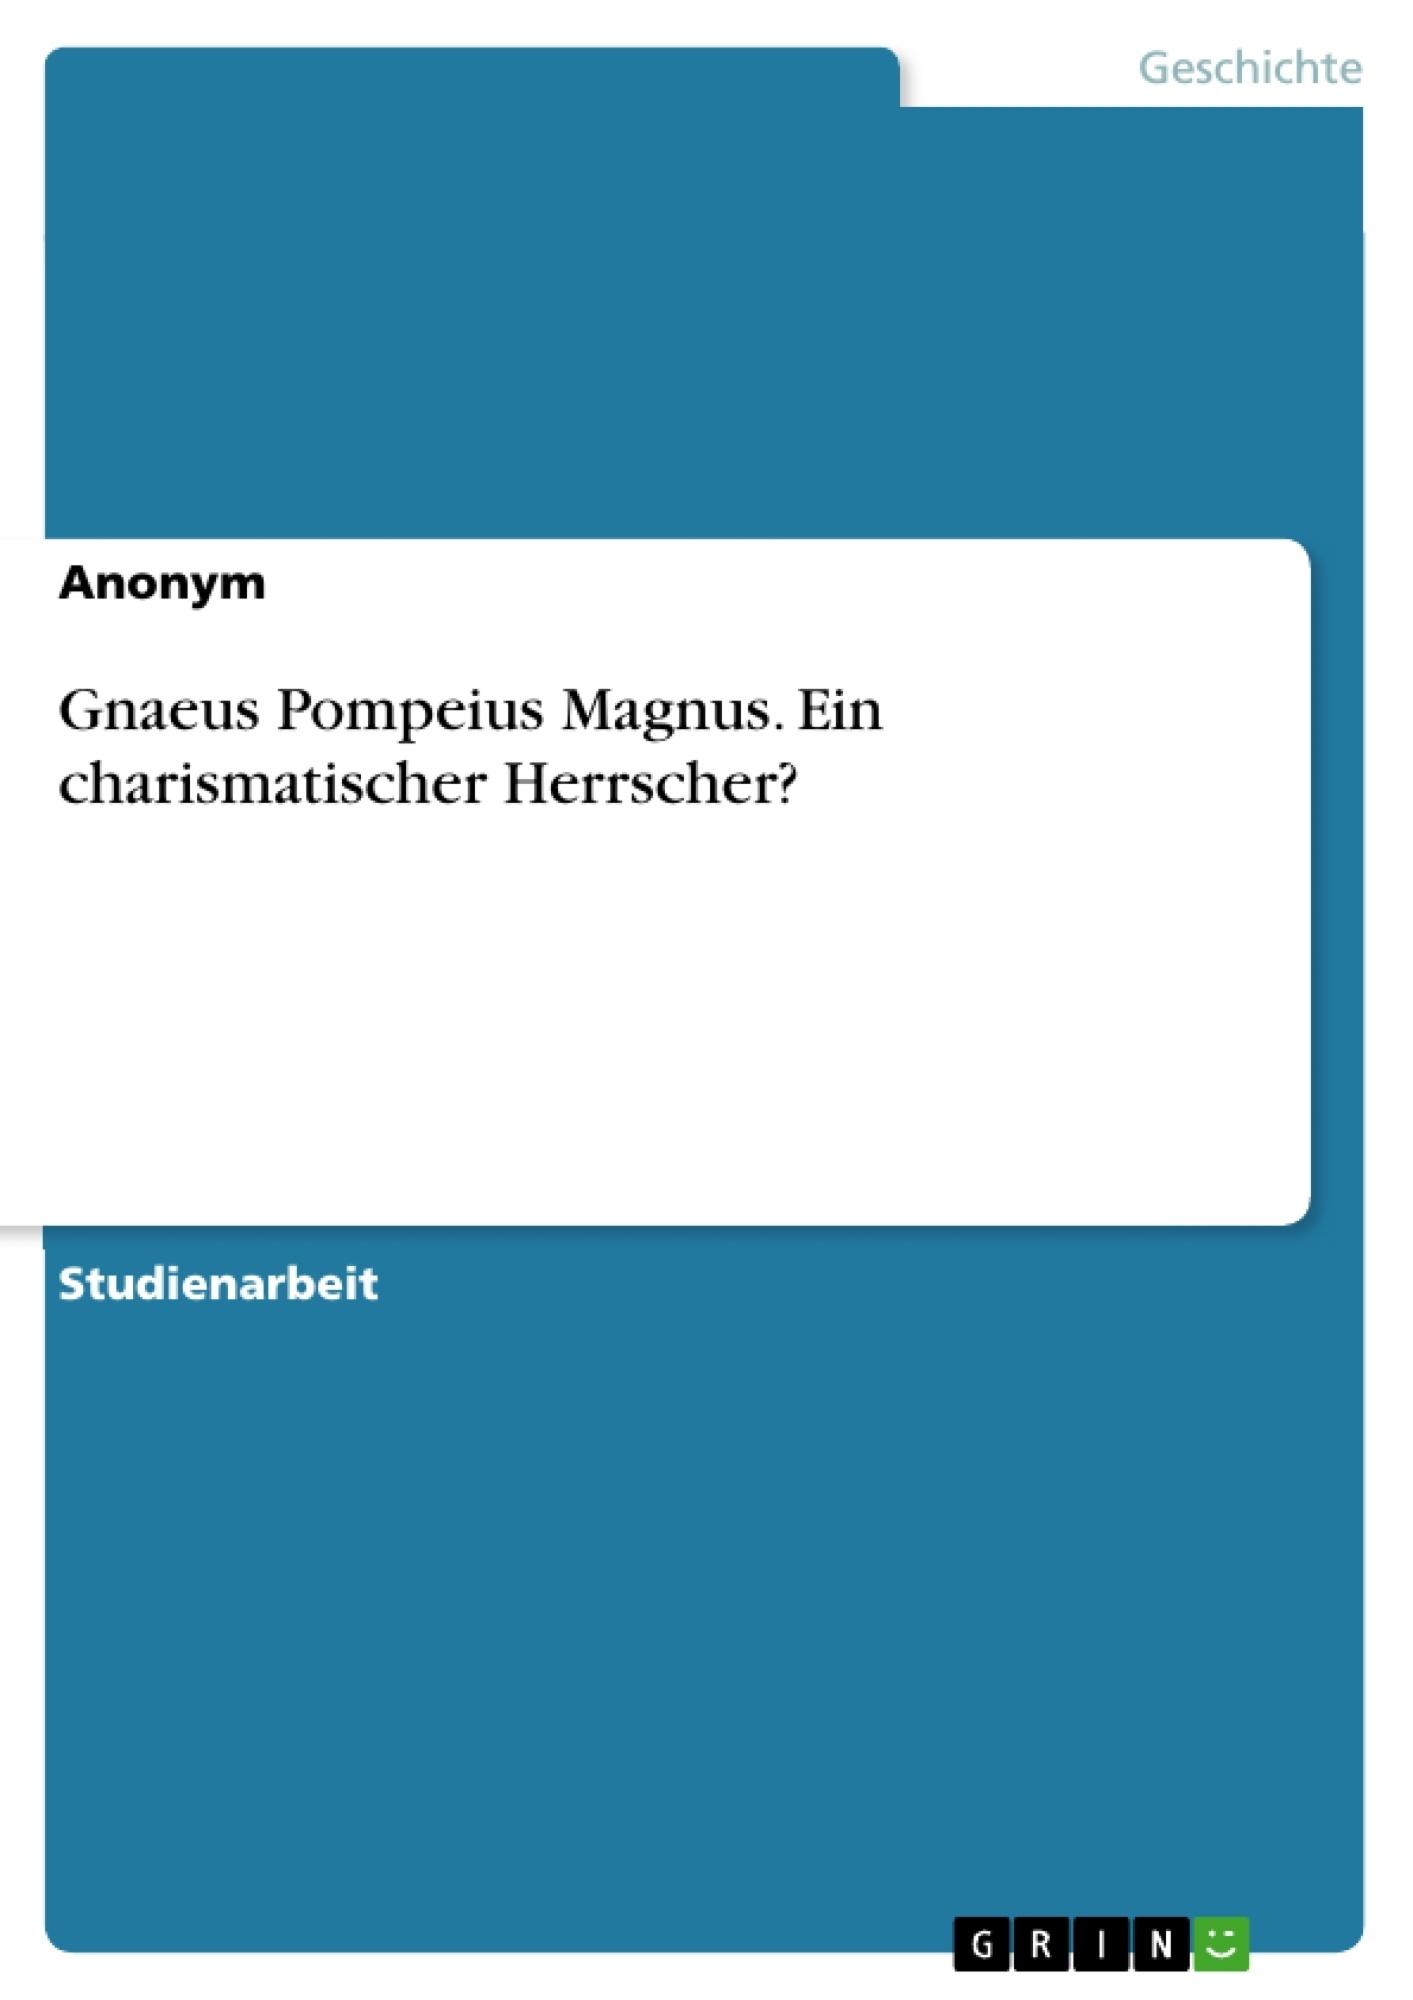 Titel: Gnaeus Pompeius Magnus. Ein charismatischer Herrscher?